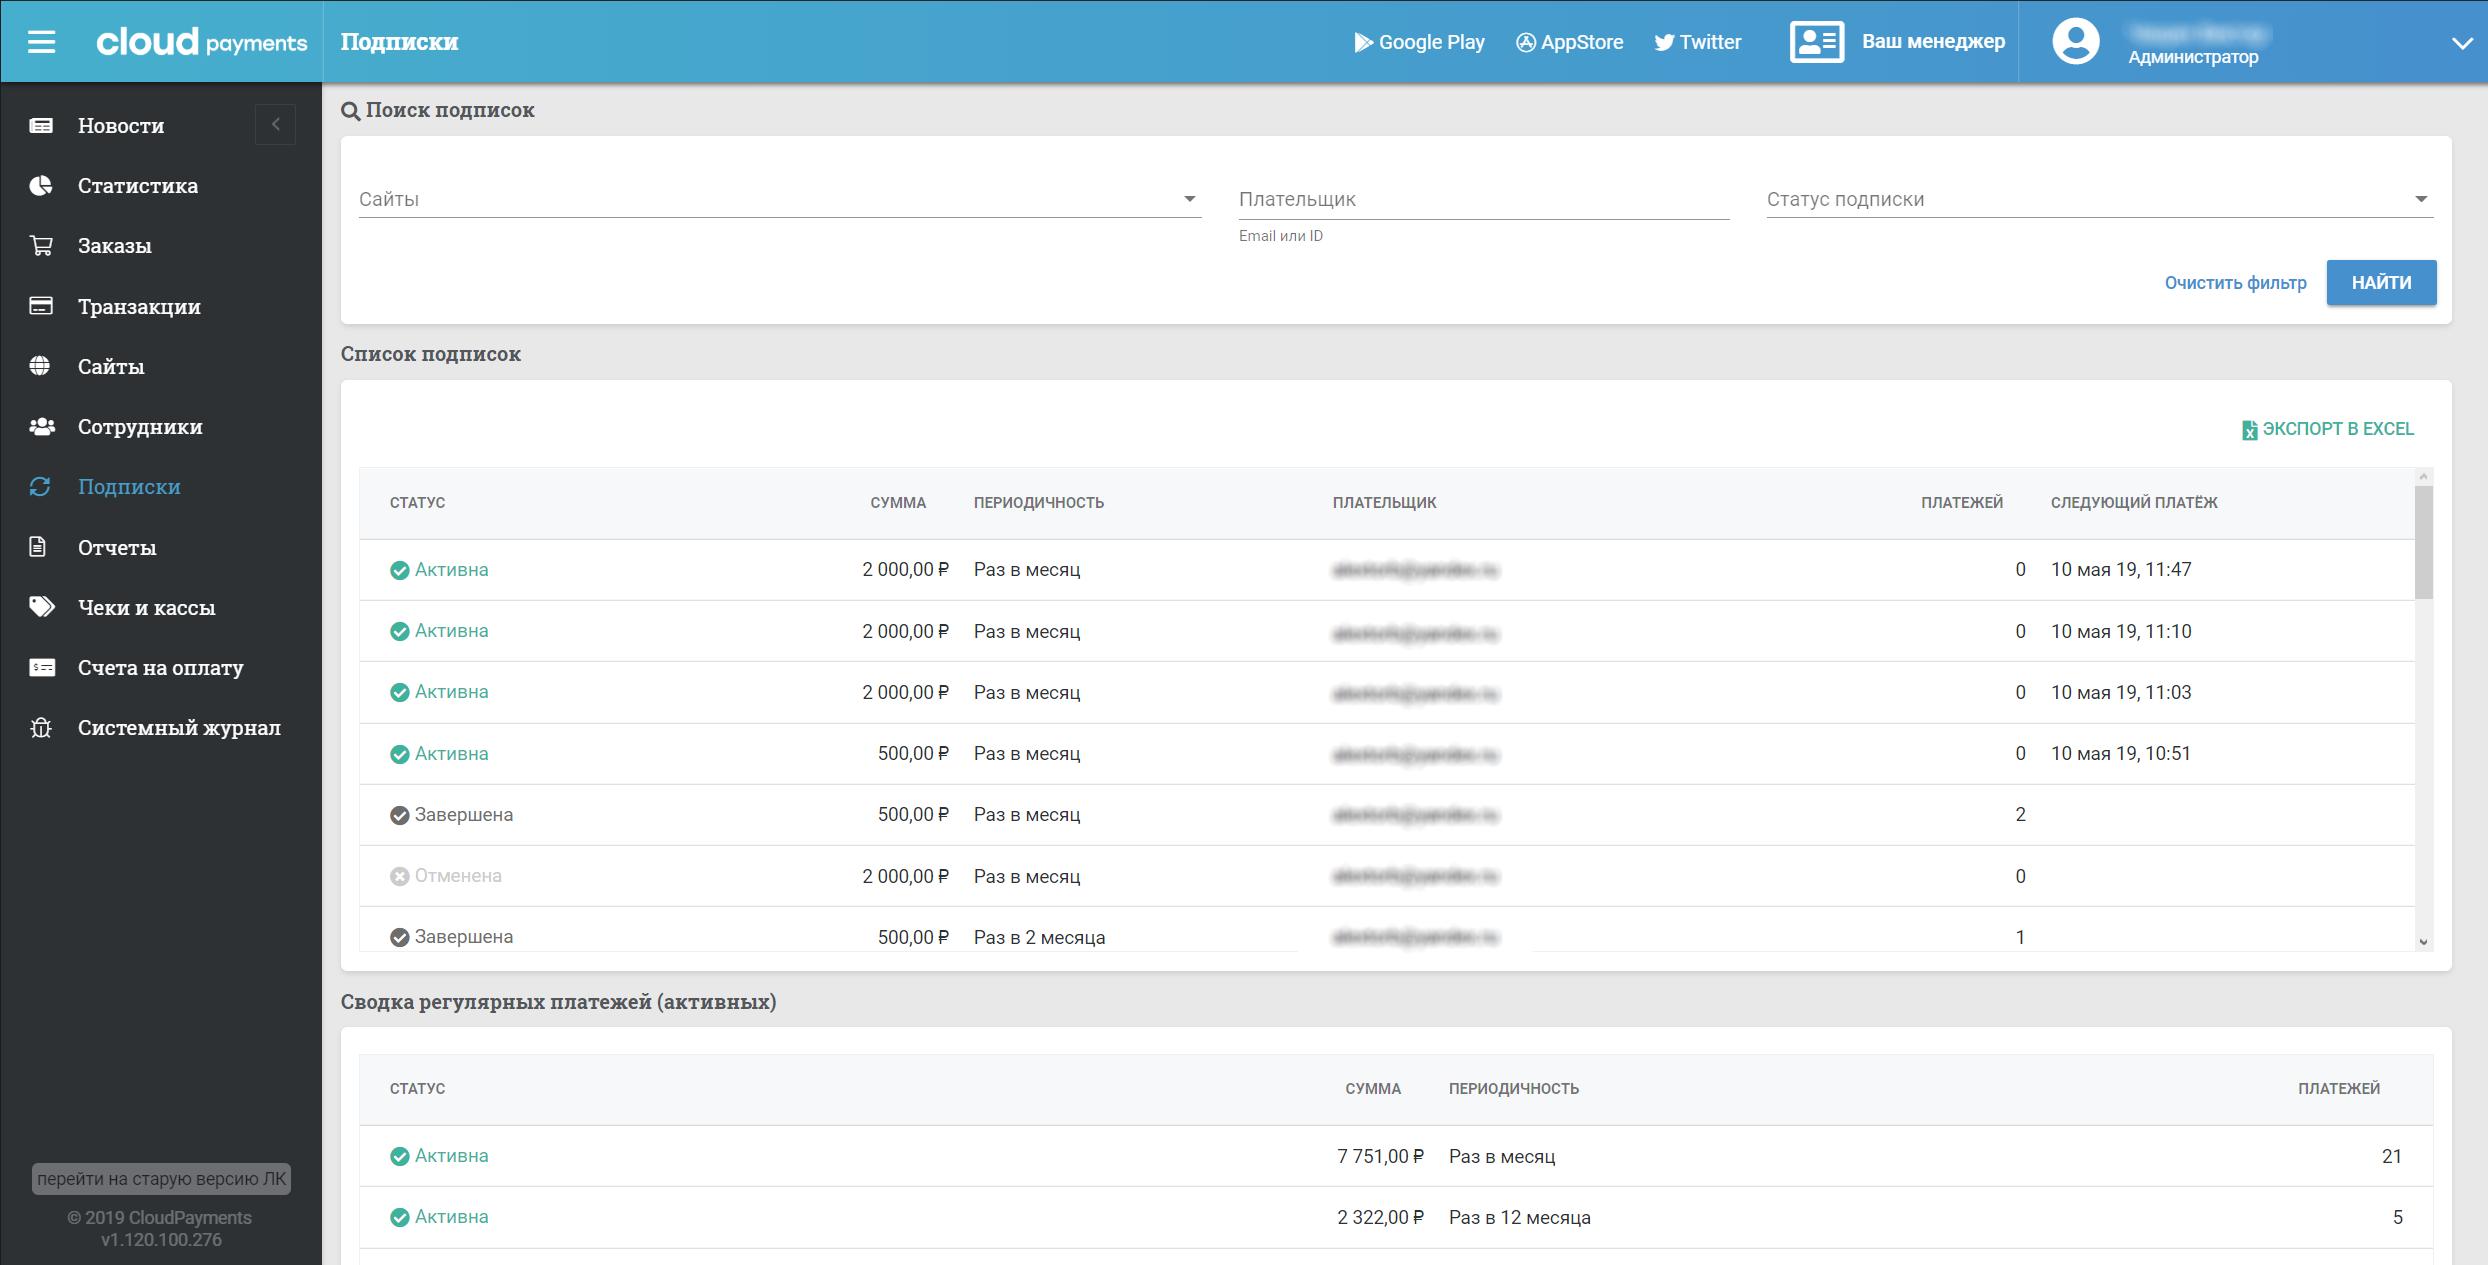 CloudPayments информация о подписках